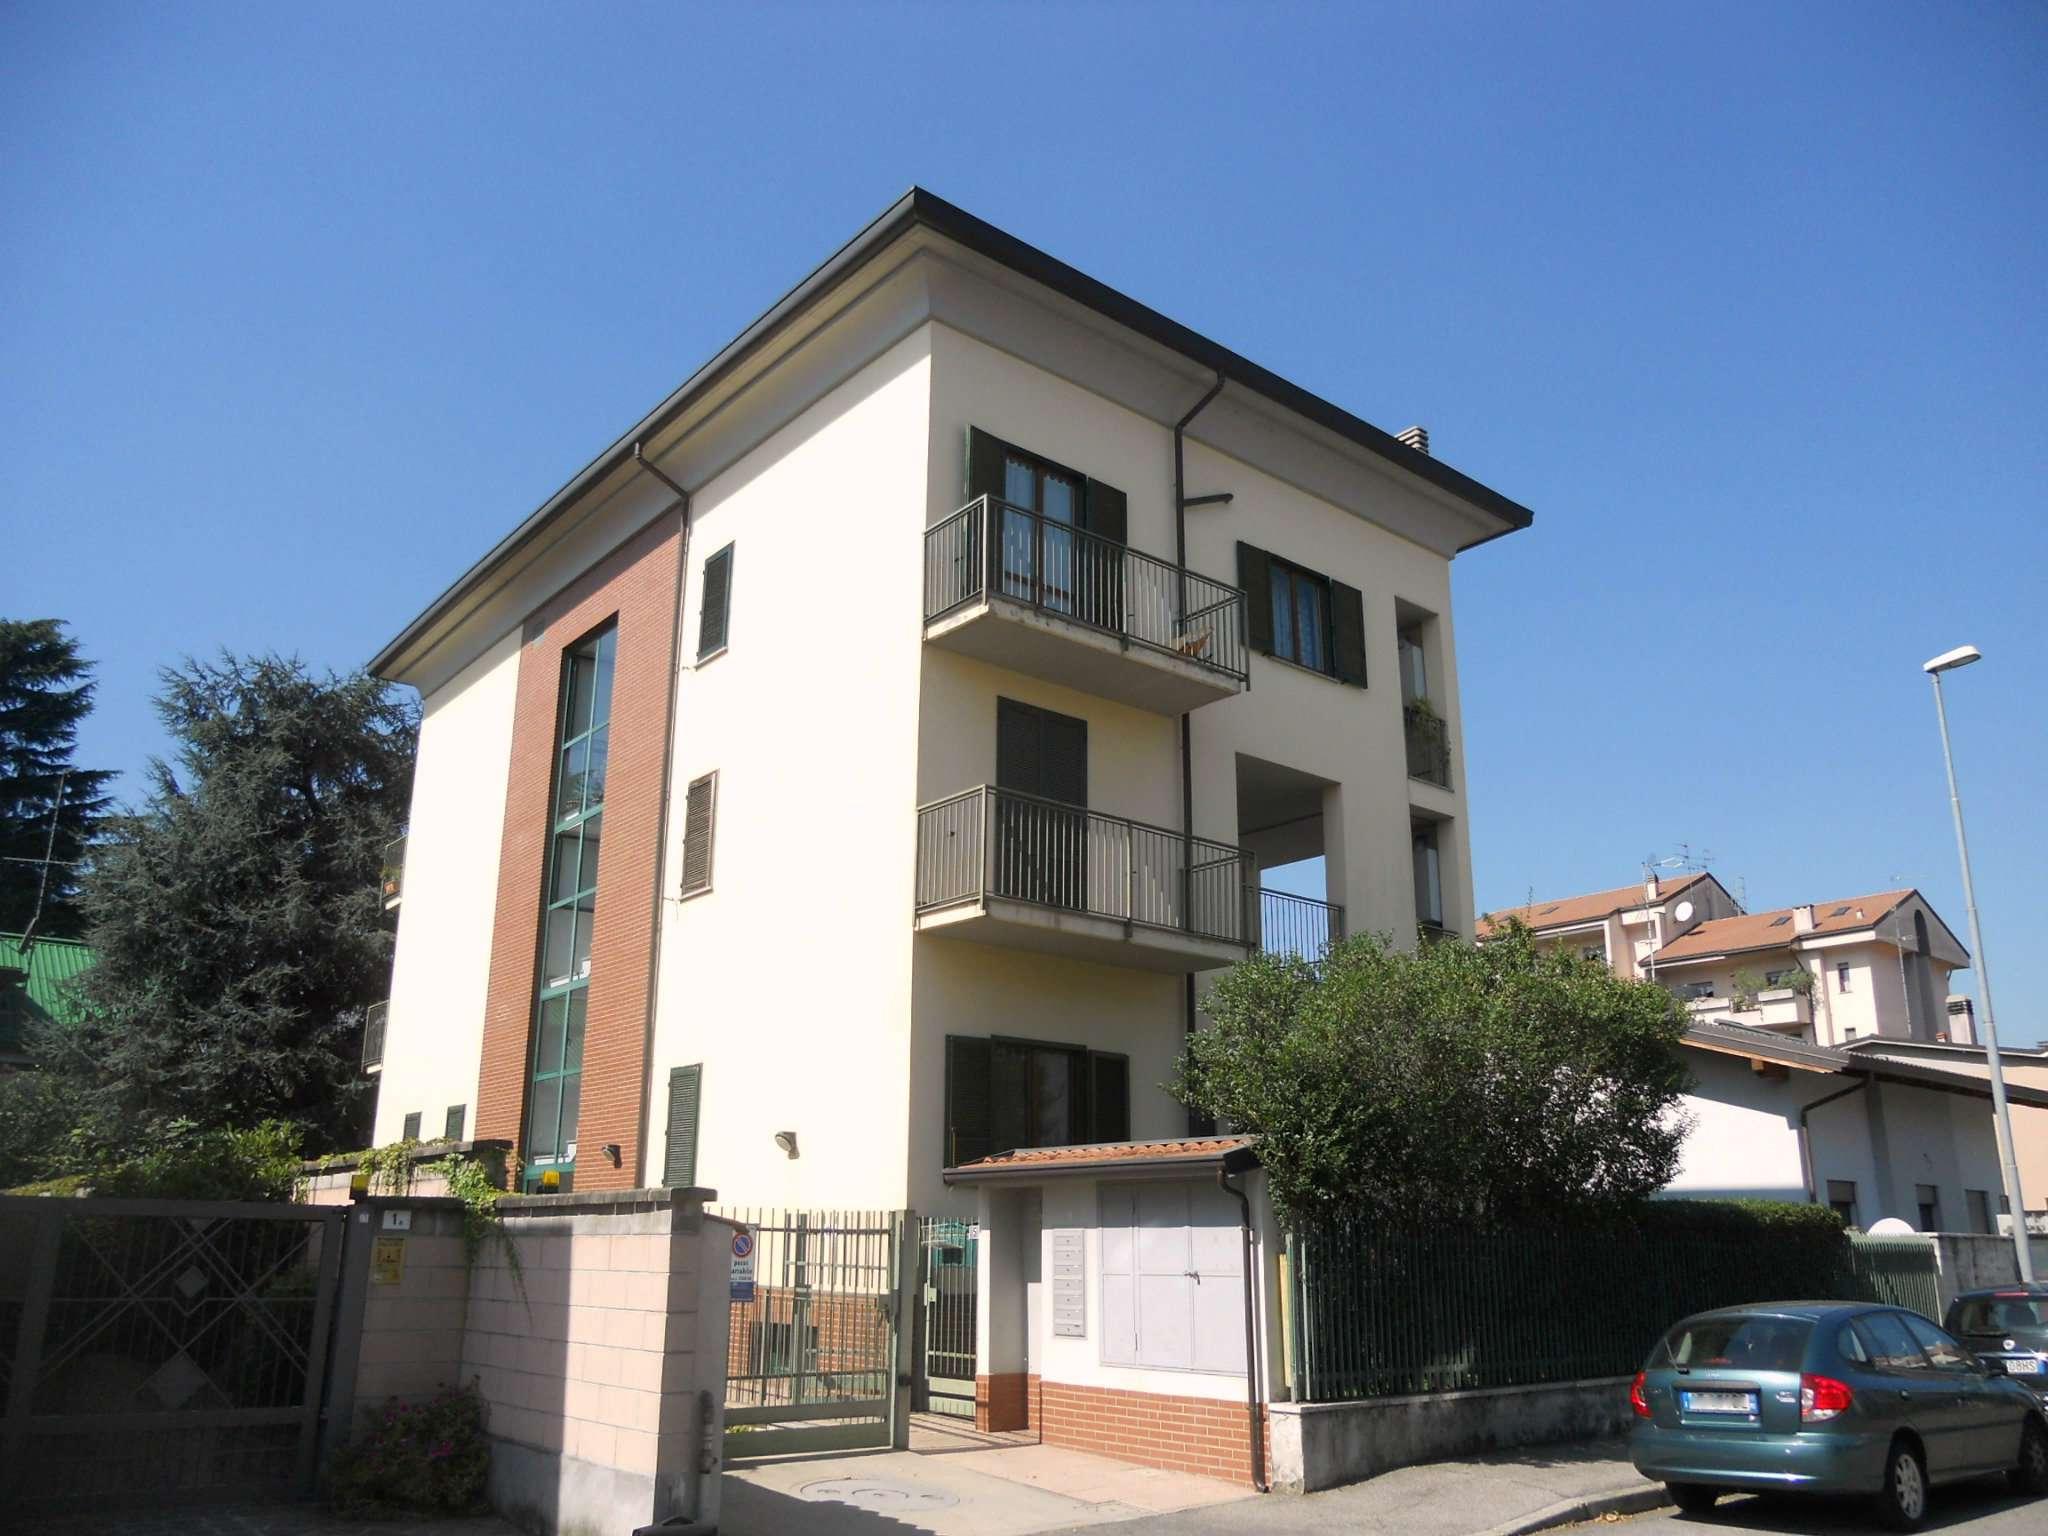 Attico / Mansarda in vendita a Lissone, 4 locali, prezzo € 259.000 | Cambio Casa.it